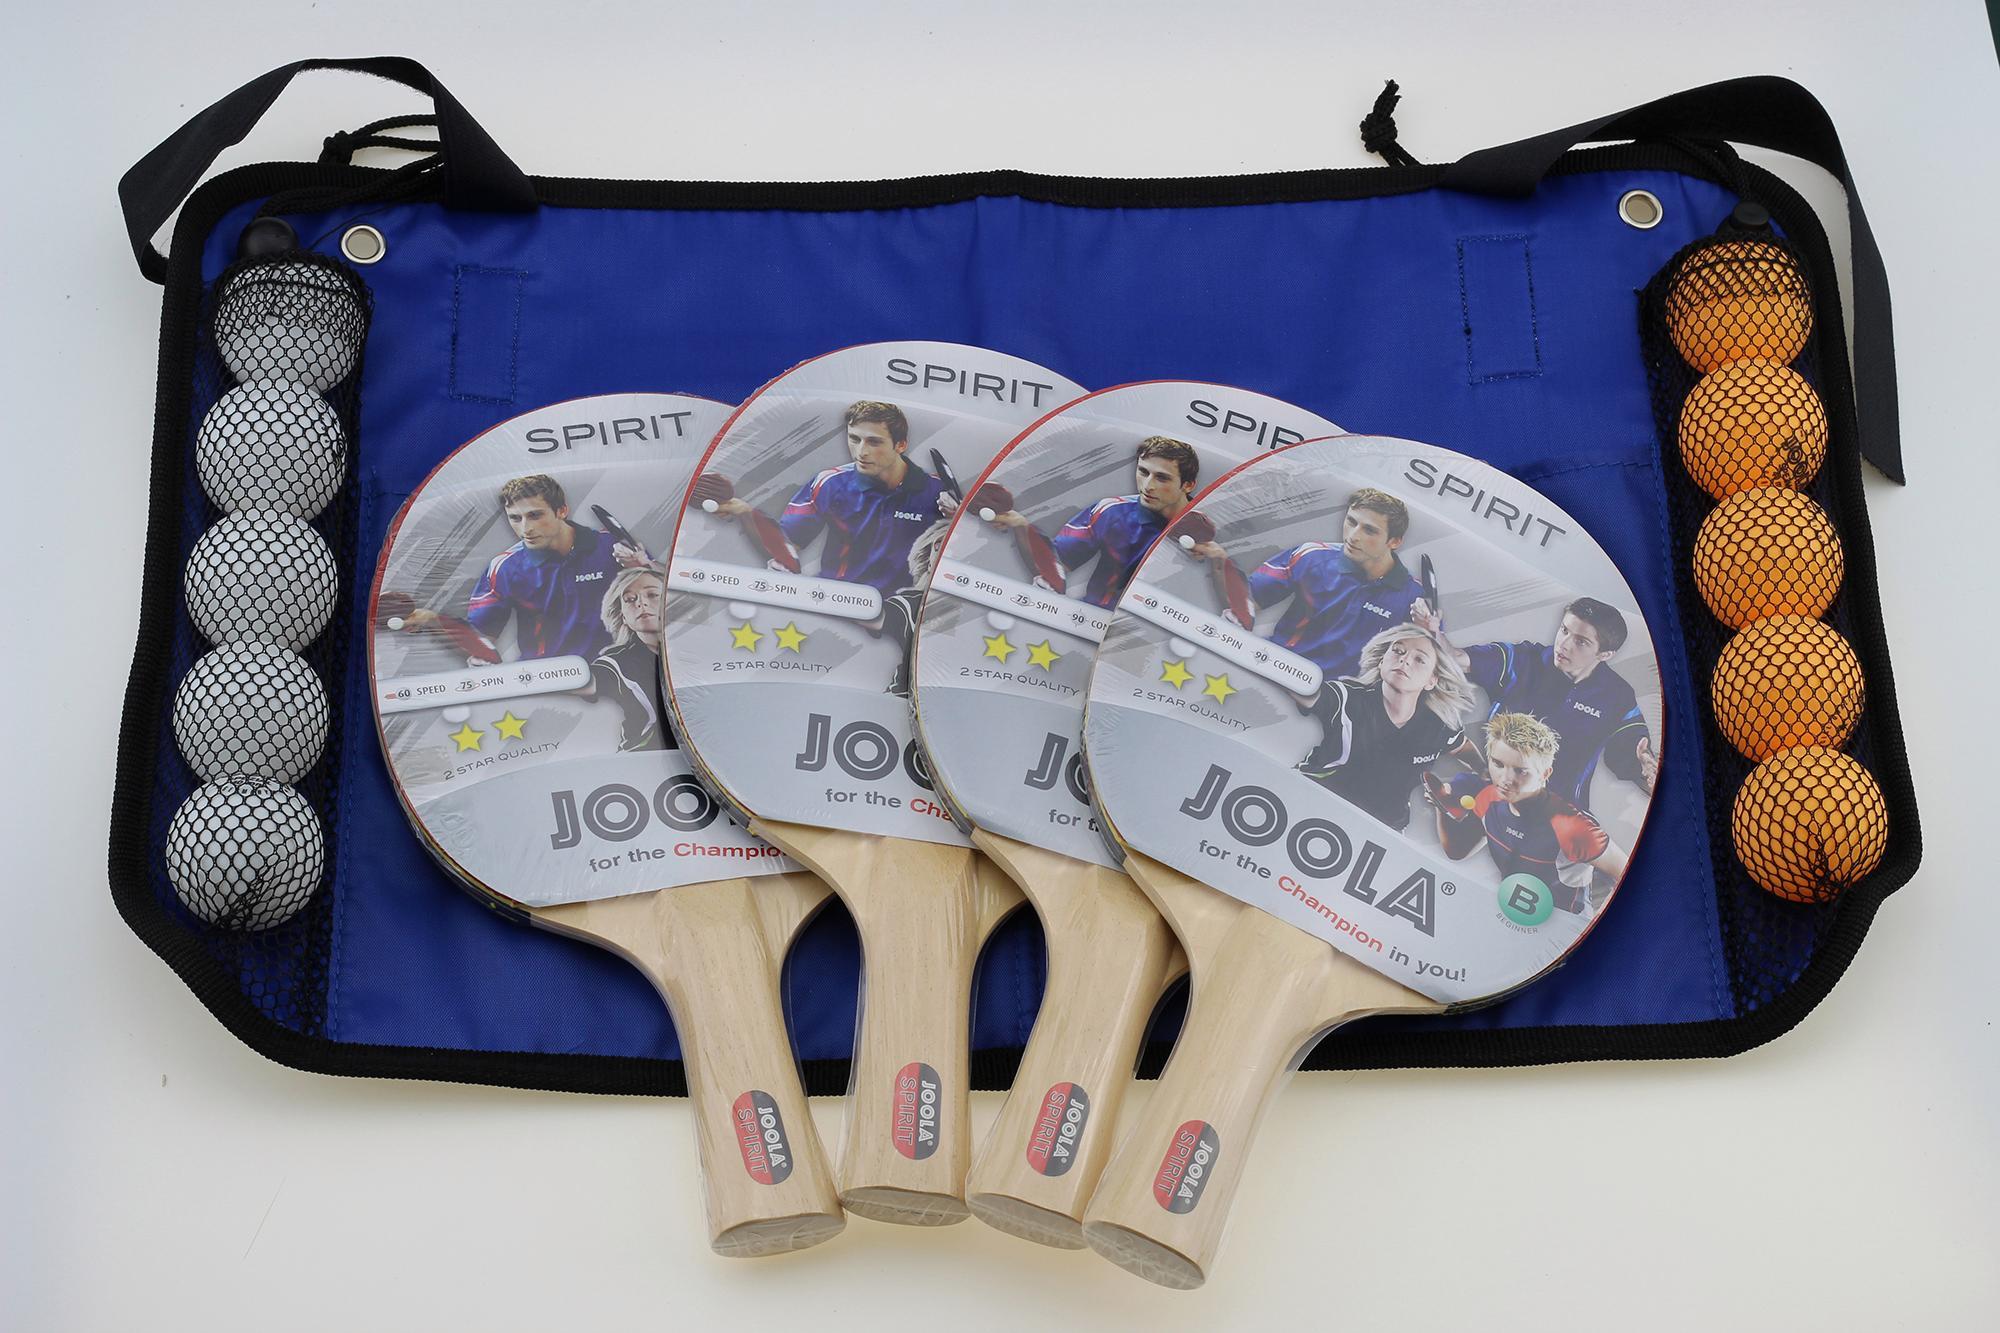 Joola Tischtennisschläger Family Set (Set) Technik & Freizeit/Sport & Freizeit/Sportarten/Tischtennis/Tischtennis-Ausrüstung